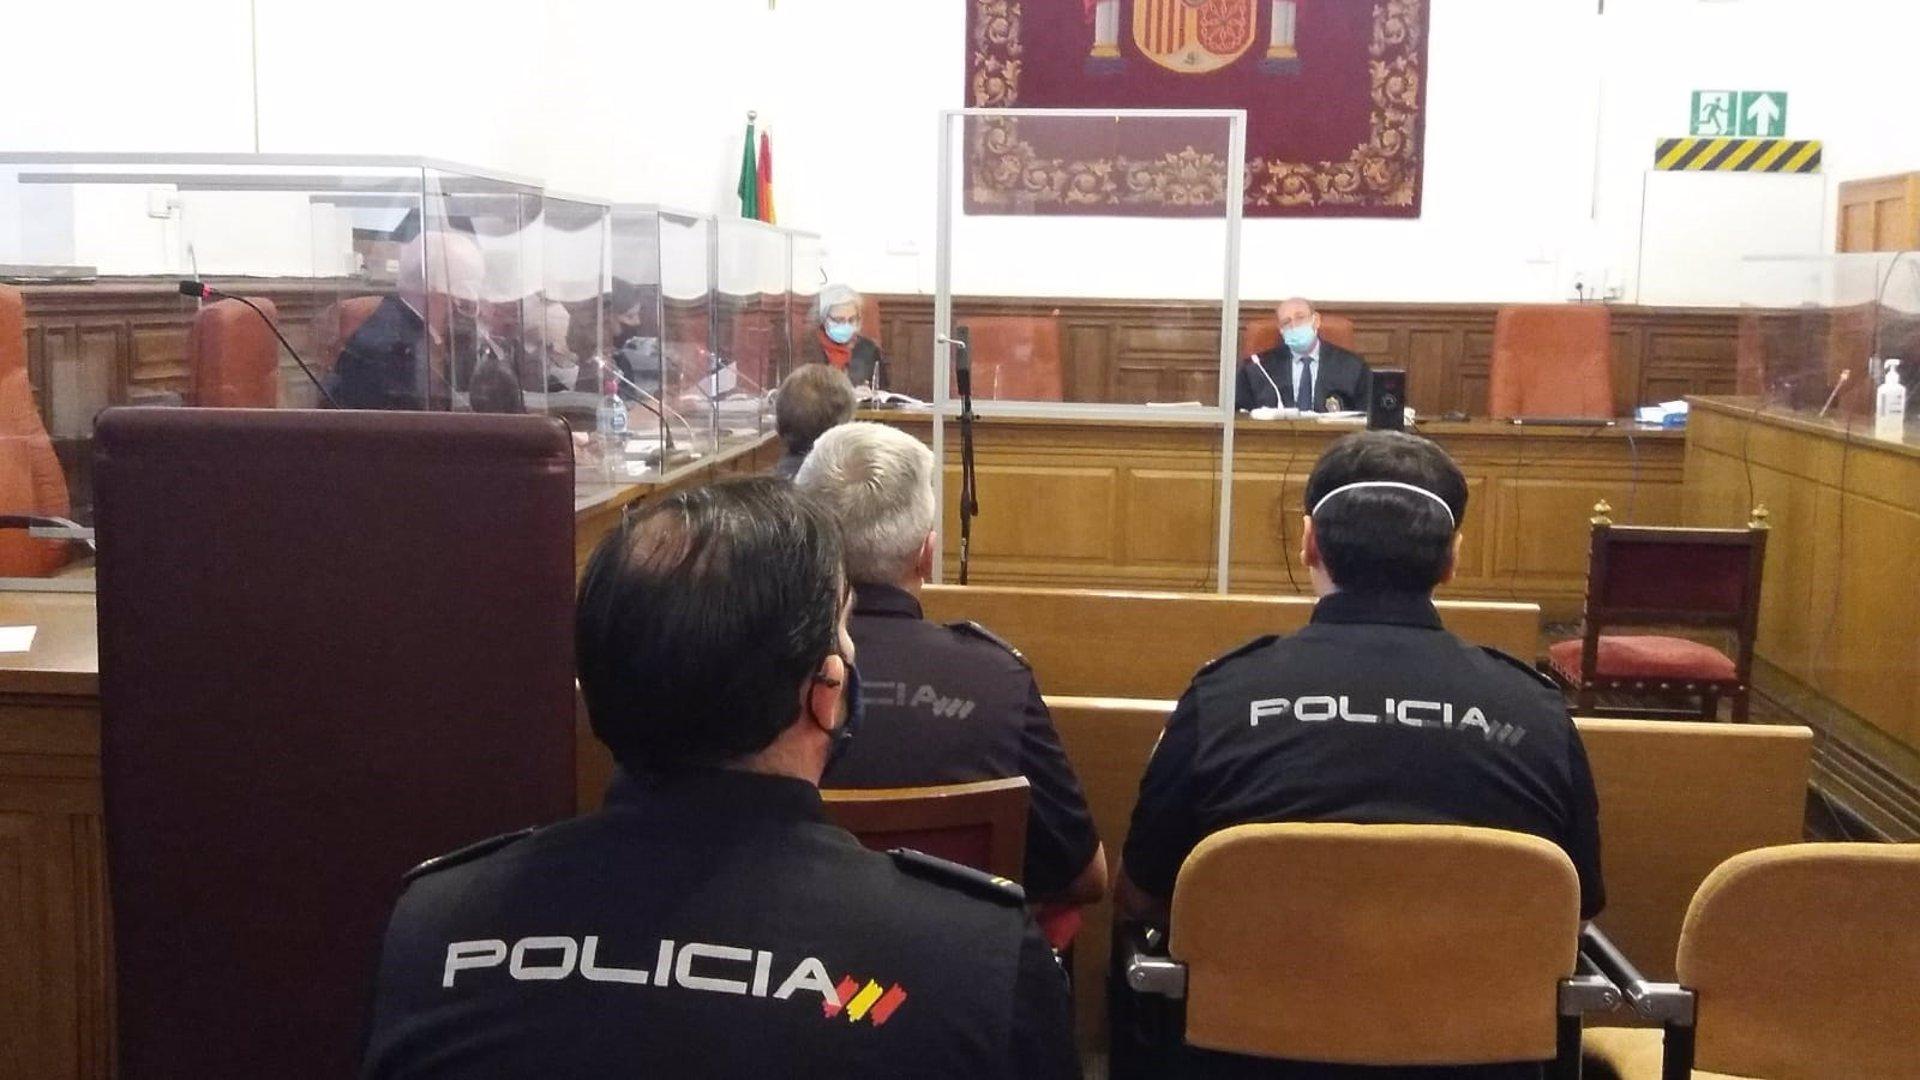 Declaran culpable al acusado de matar a su yerno de una cuchillada en Deifontes